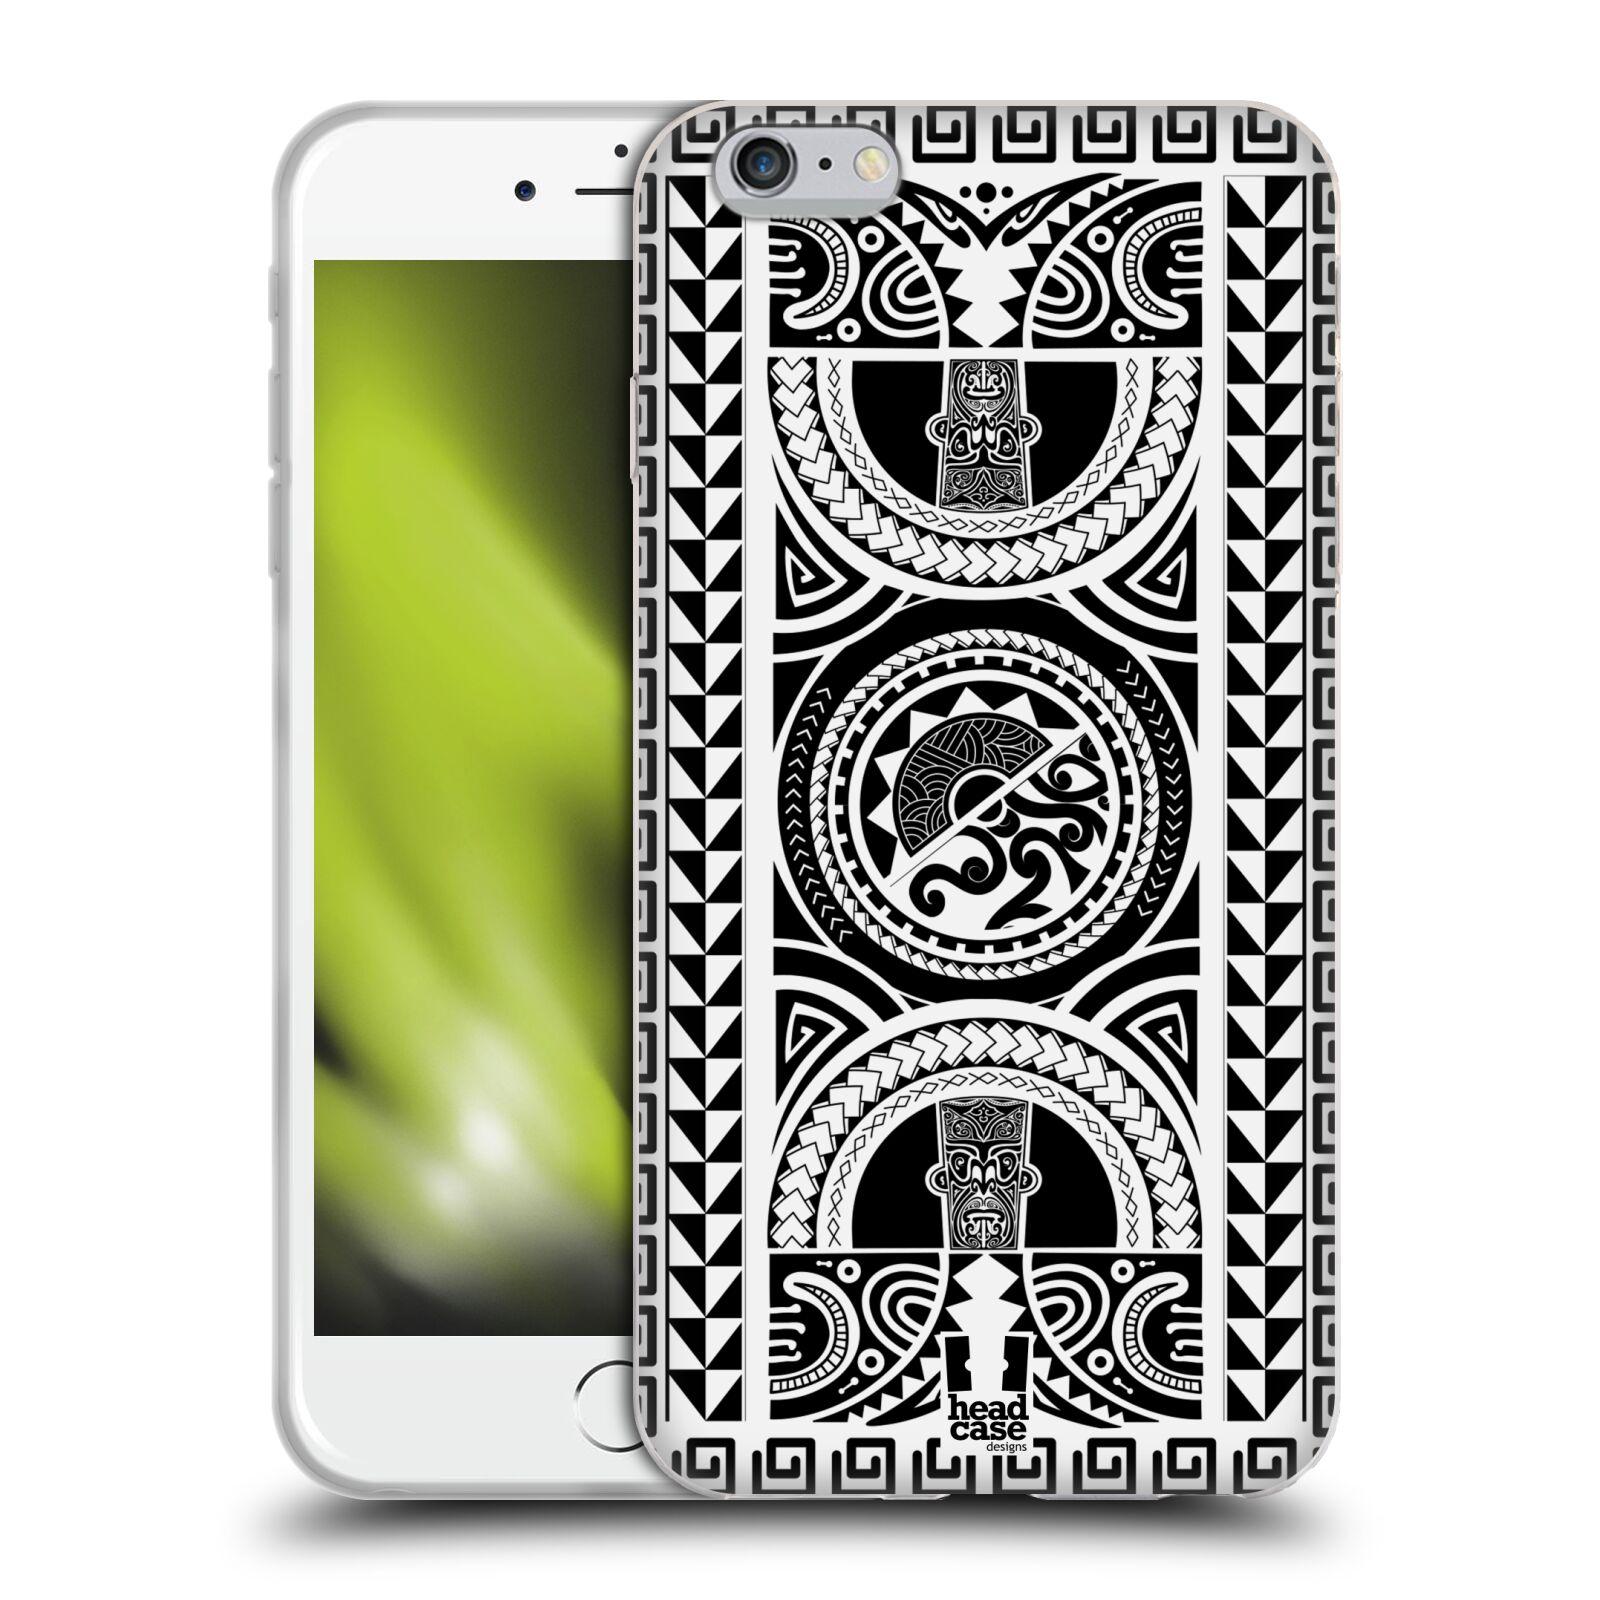 HEAD CASE silikonový obal na mobil Apple Iphone 6 PLUS/ 6S PLUS vzor Maorské tetování motivy černá a bílá KRUH